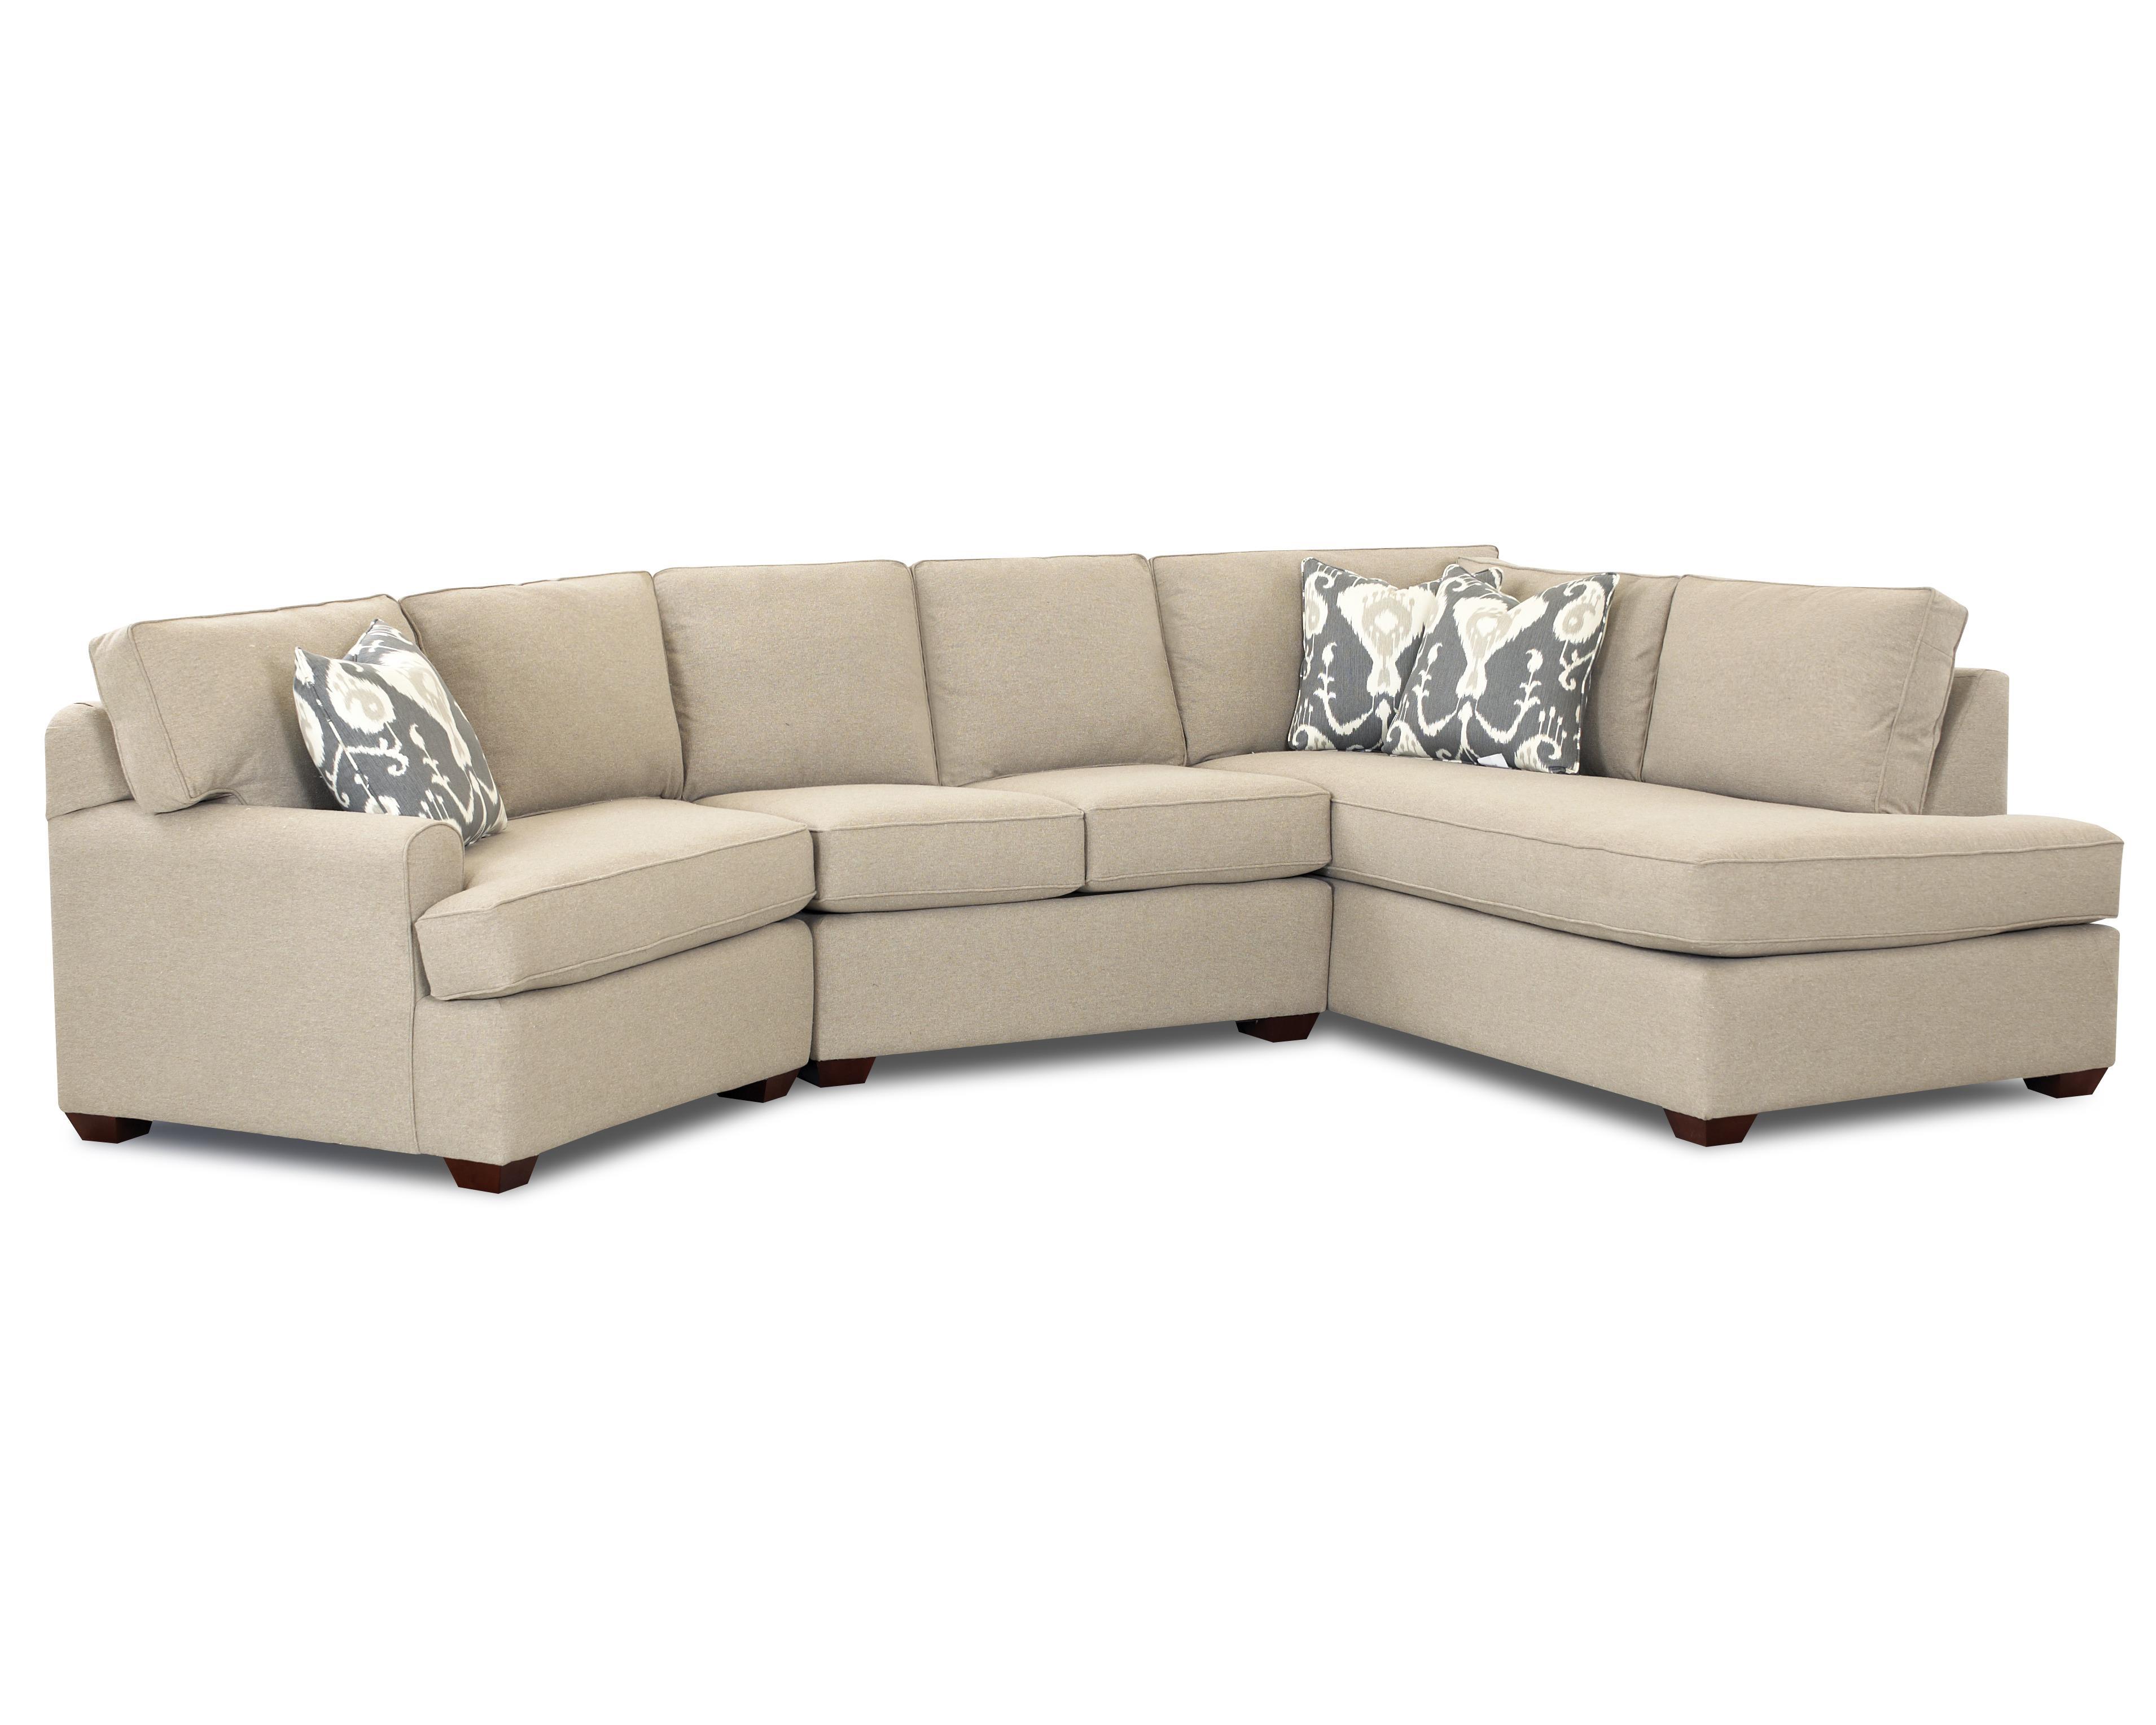 Klaussner Hybrid Sectional Sofa - Item Number: K54460L SCHS+ALS+R BC